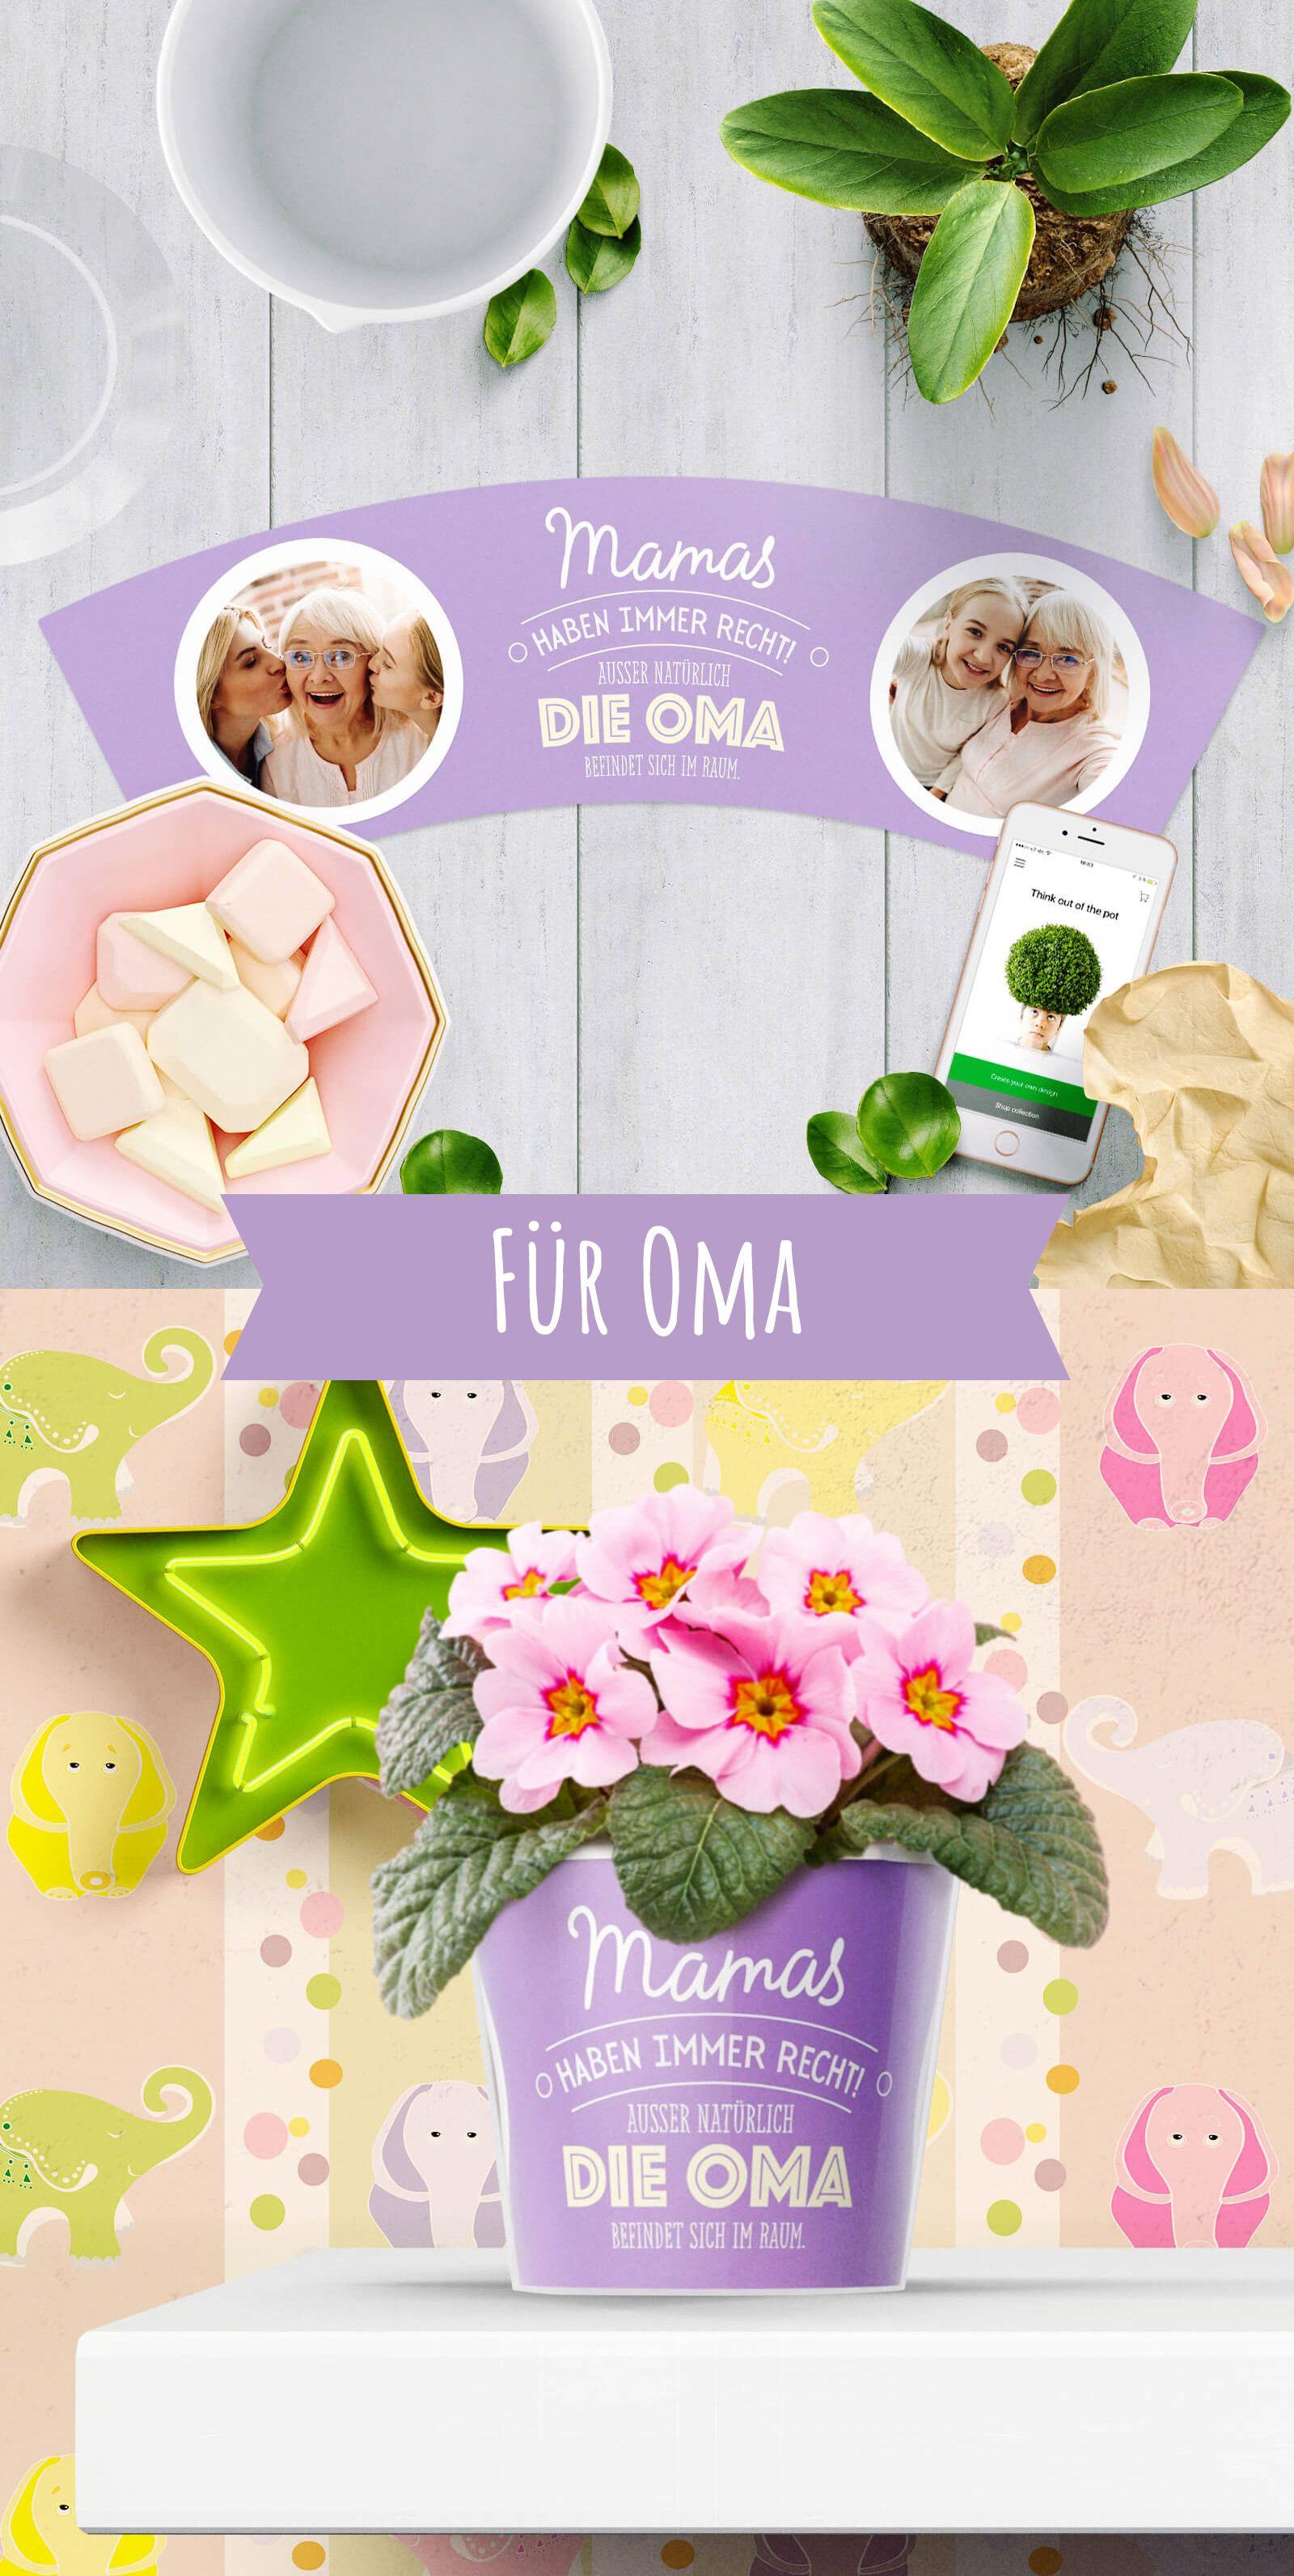 Lustiges Geschenk für Oma von Enkeln | Geschenke für Oma | Pinterest